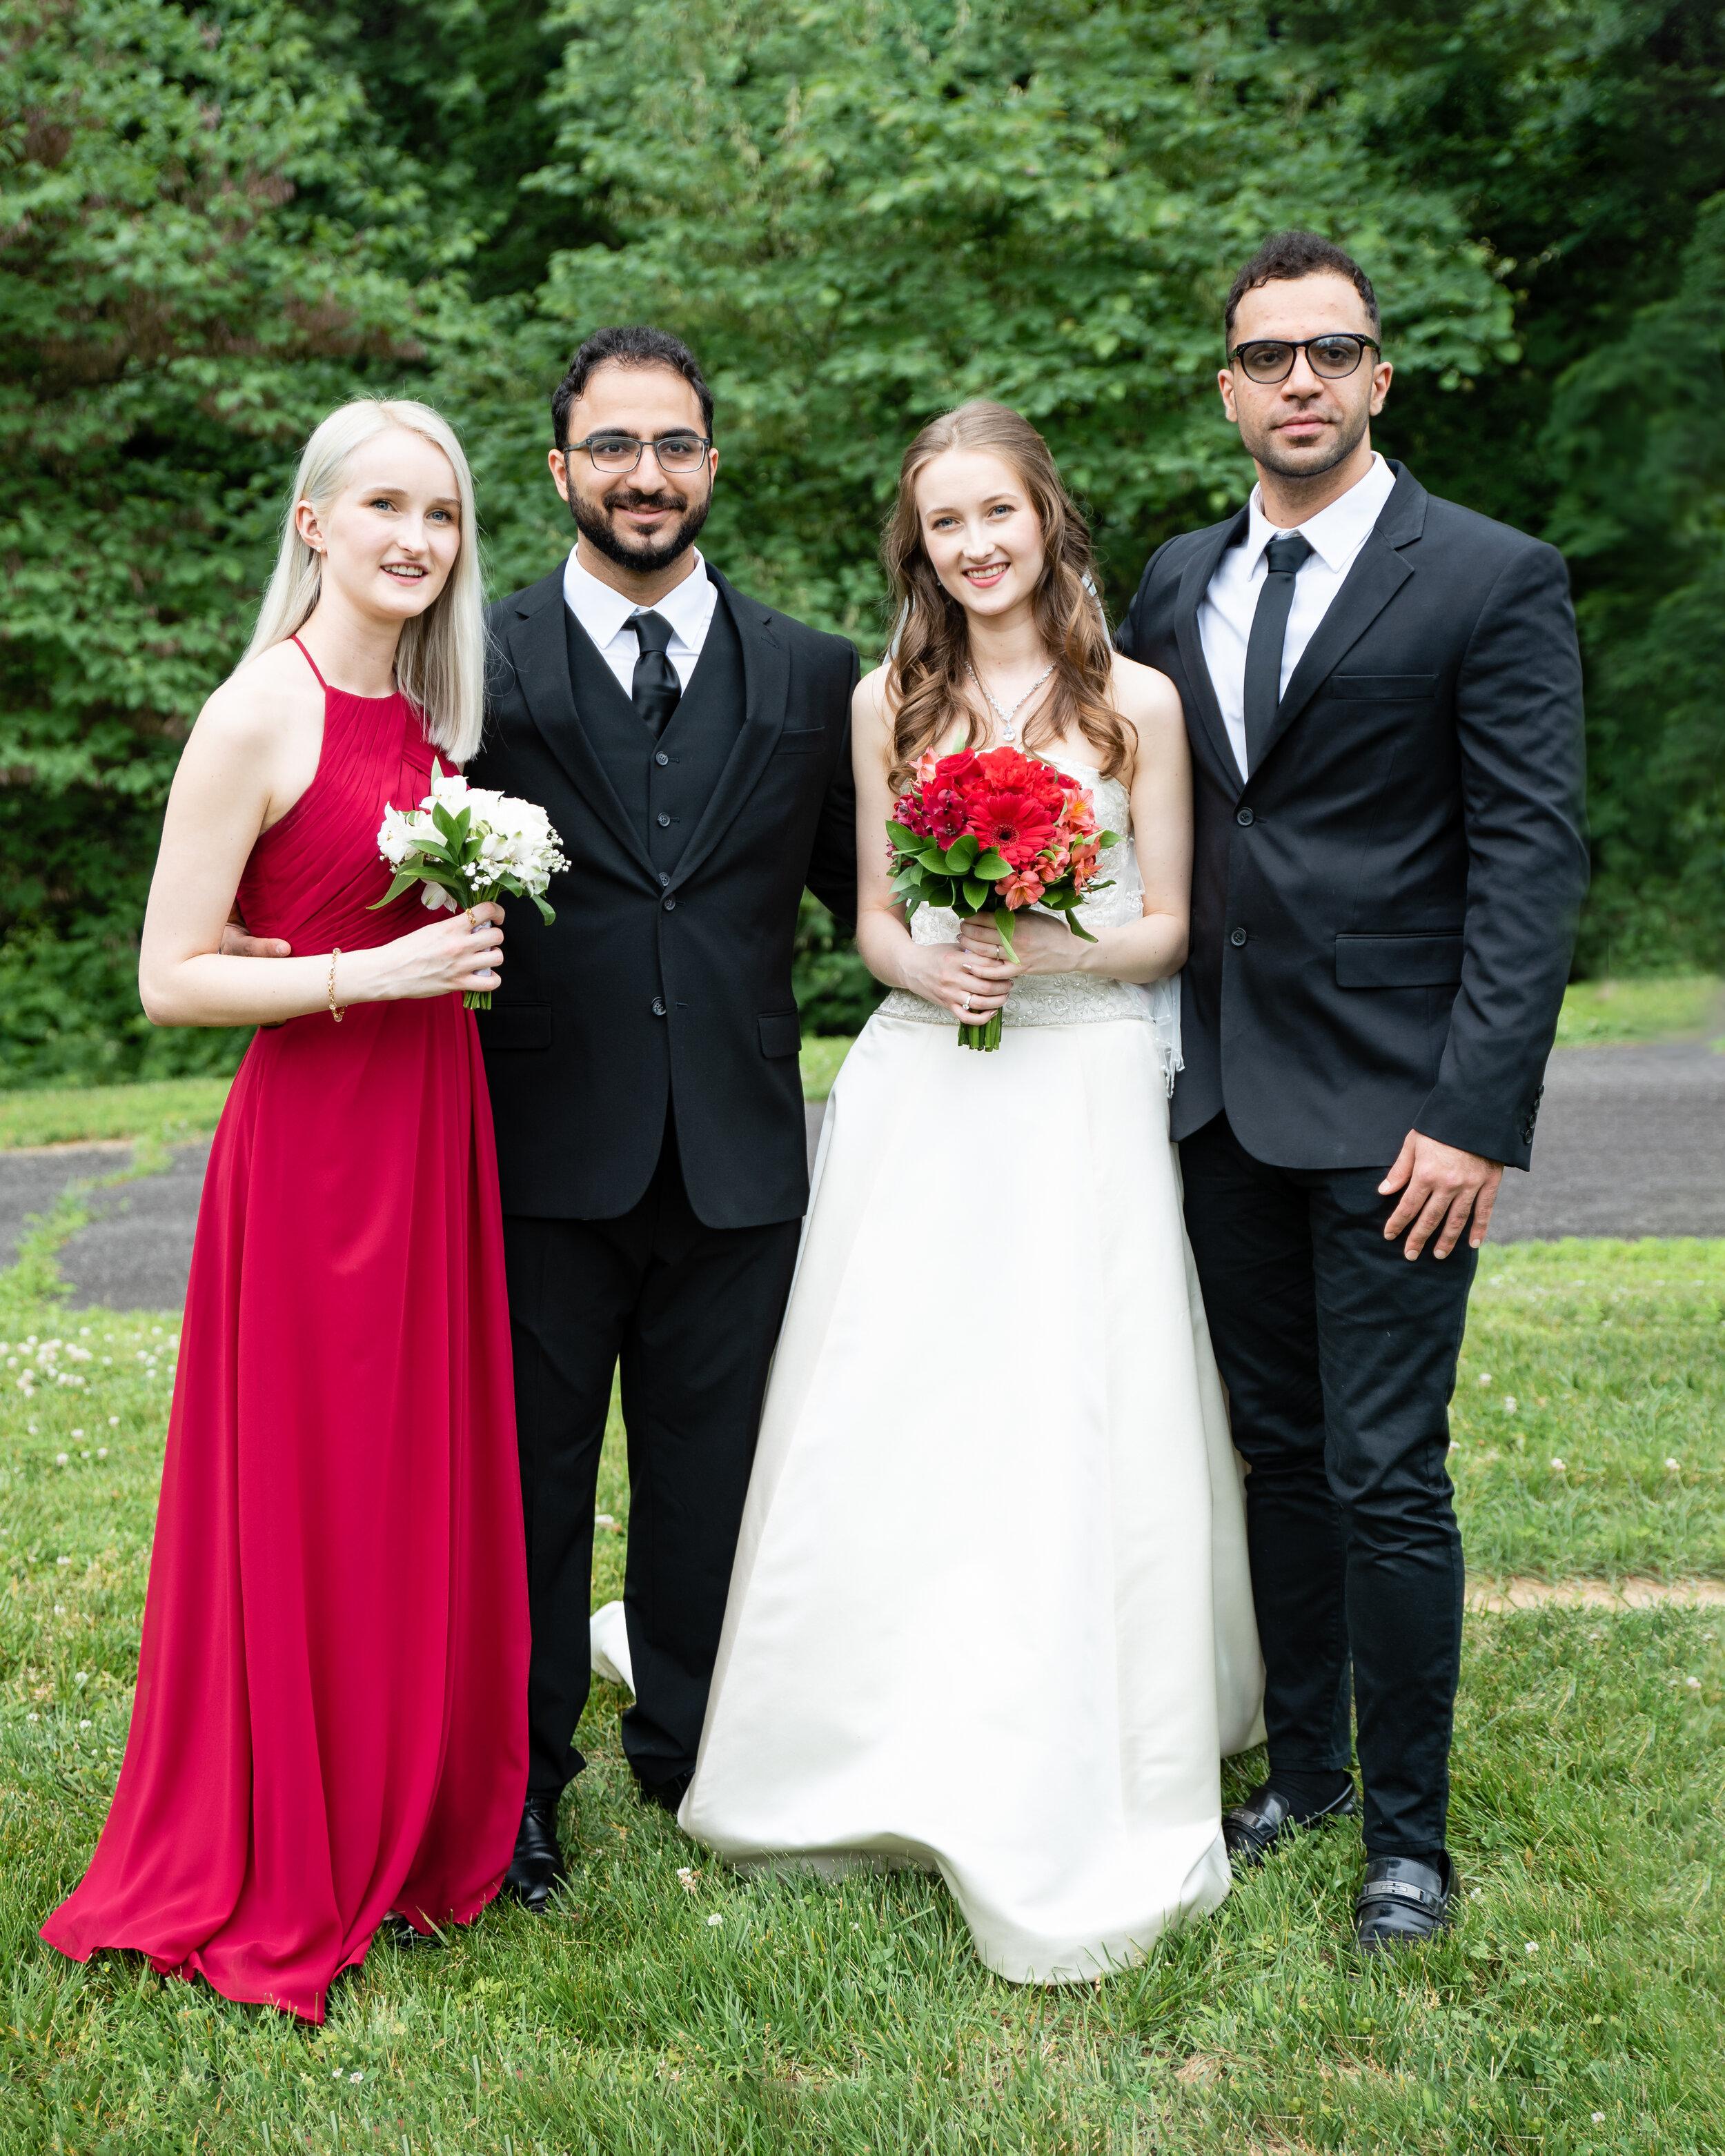 Kaitlyn-Davood-Wedding_7June2019-46.jpg